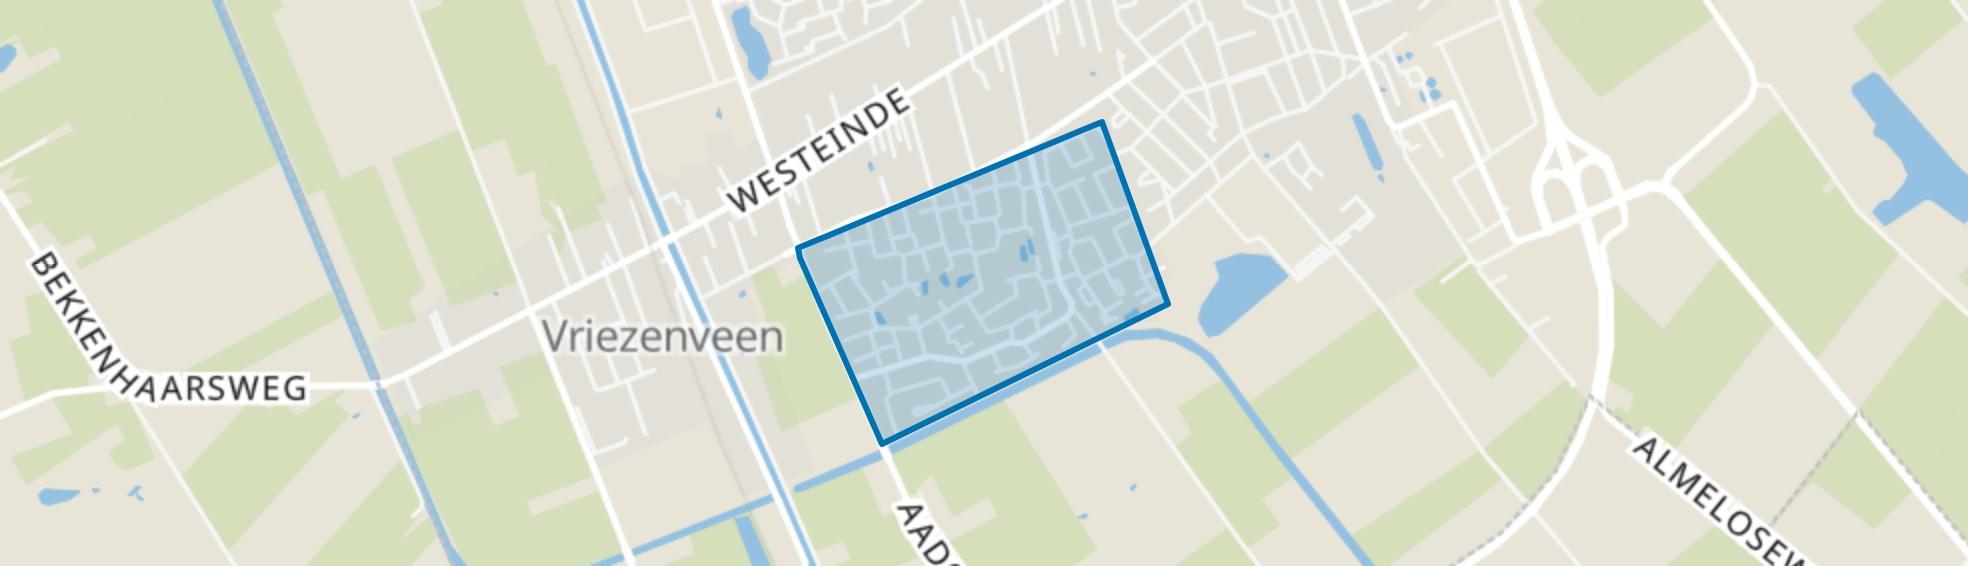 Westerweilanden-Elzenhoek, Vriezenveen map